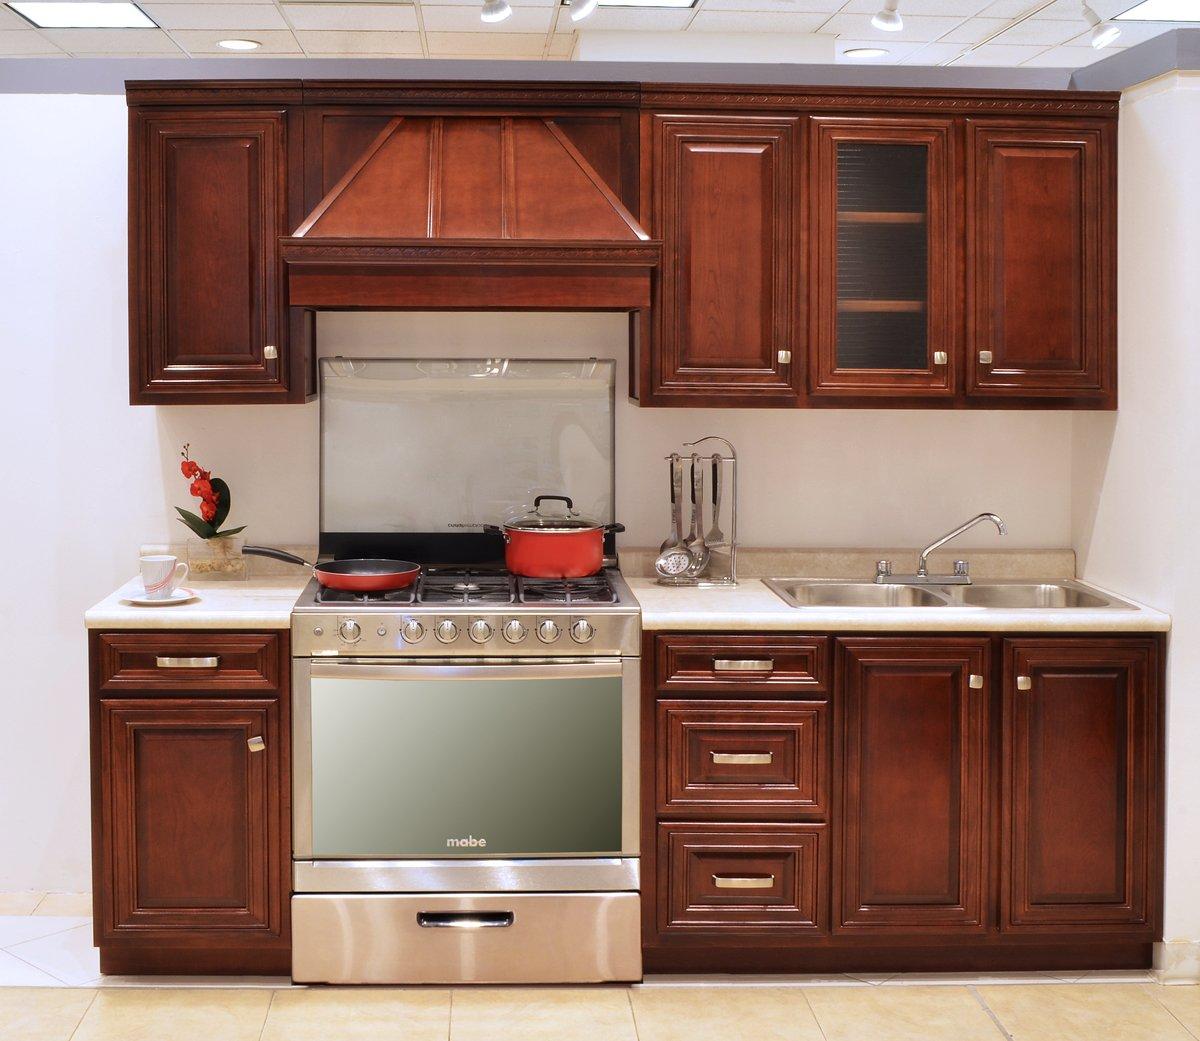 Cocina victoria 243 sears com mx me entiende for Compra de cocinas integrales